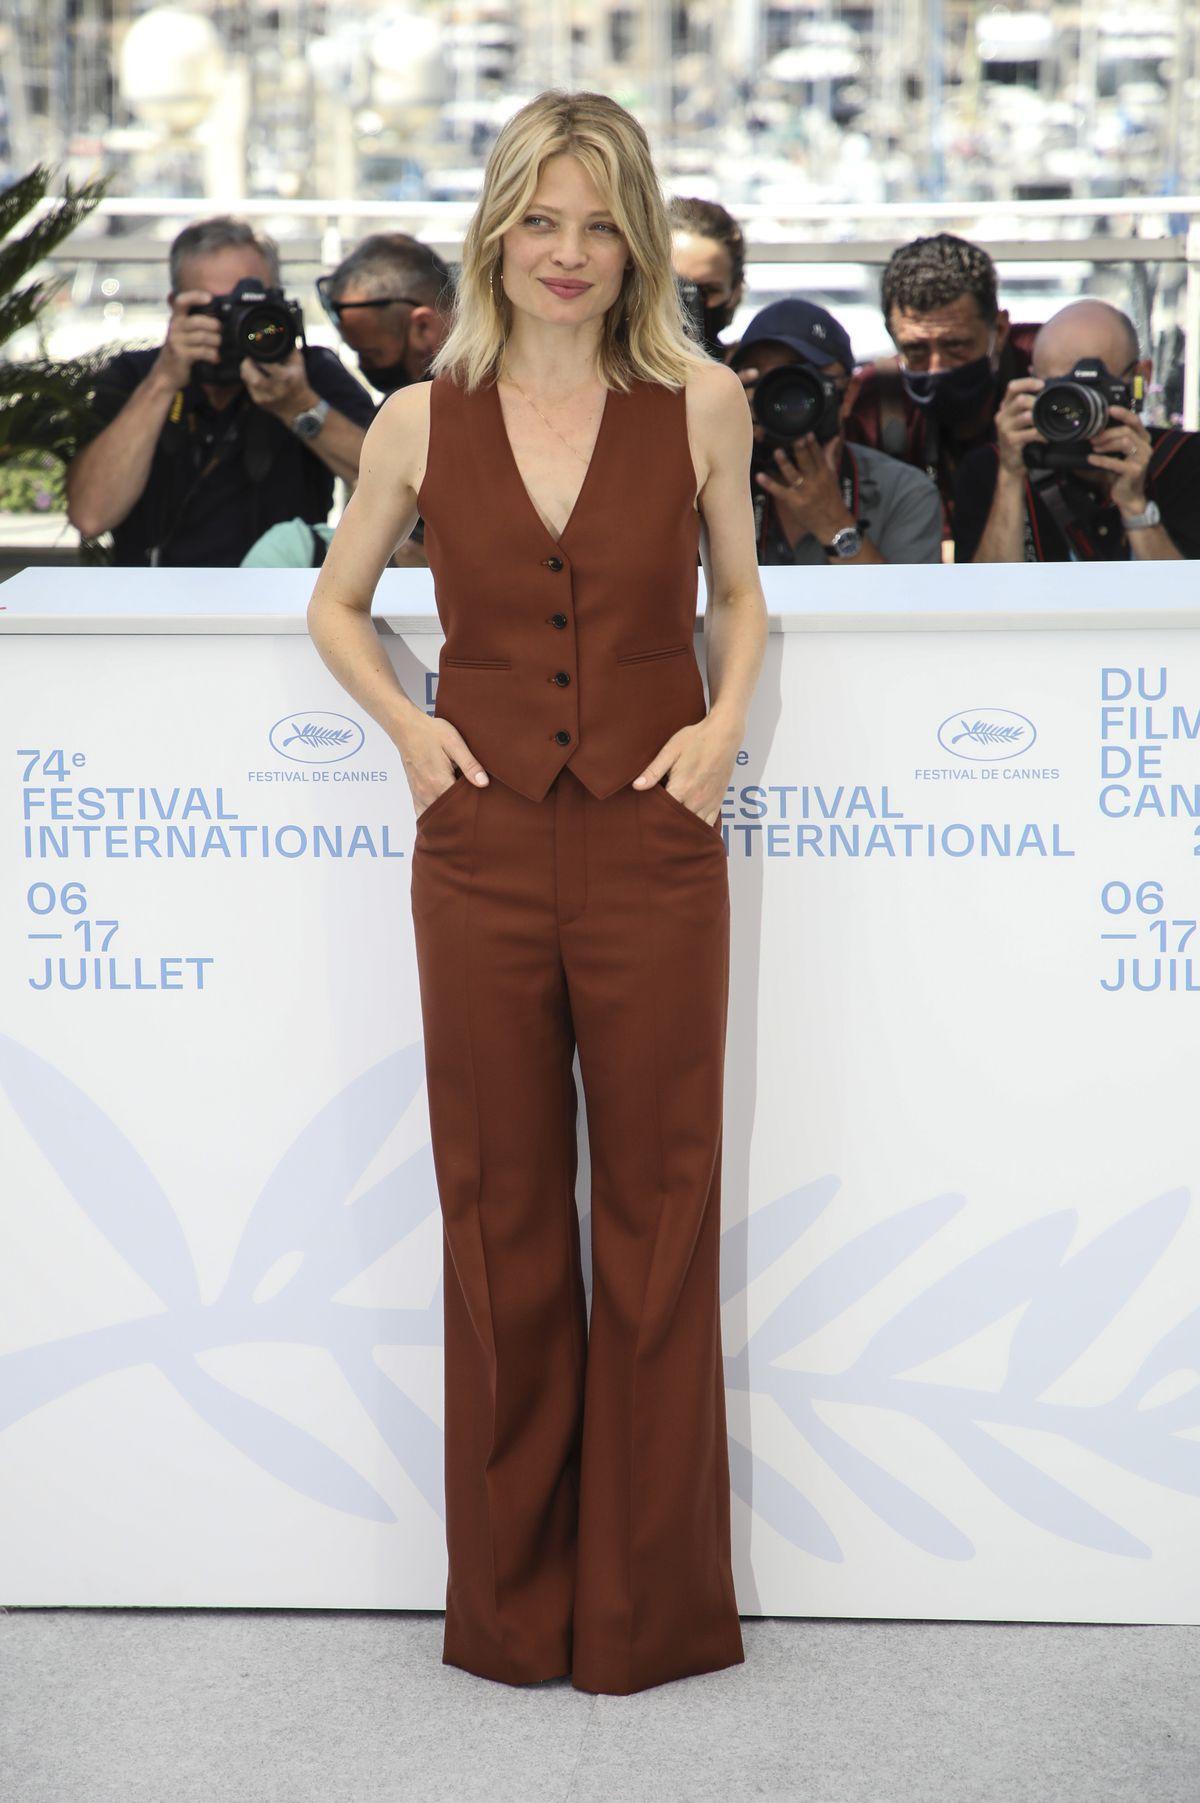 France Cannes 2021 Bong Joon Ho Photo Call